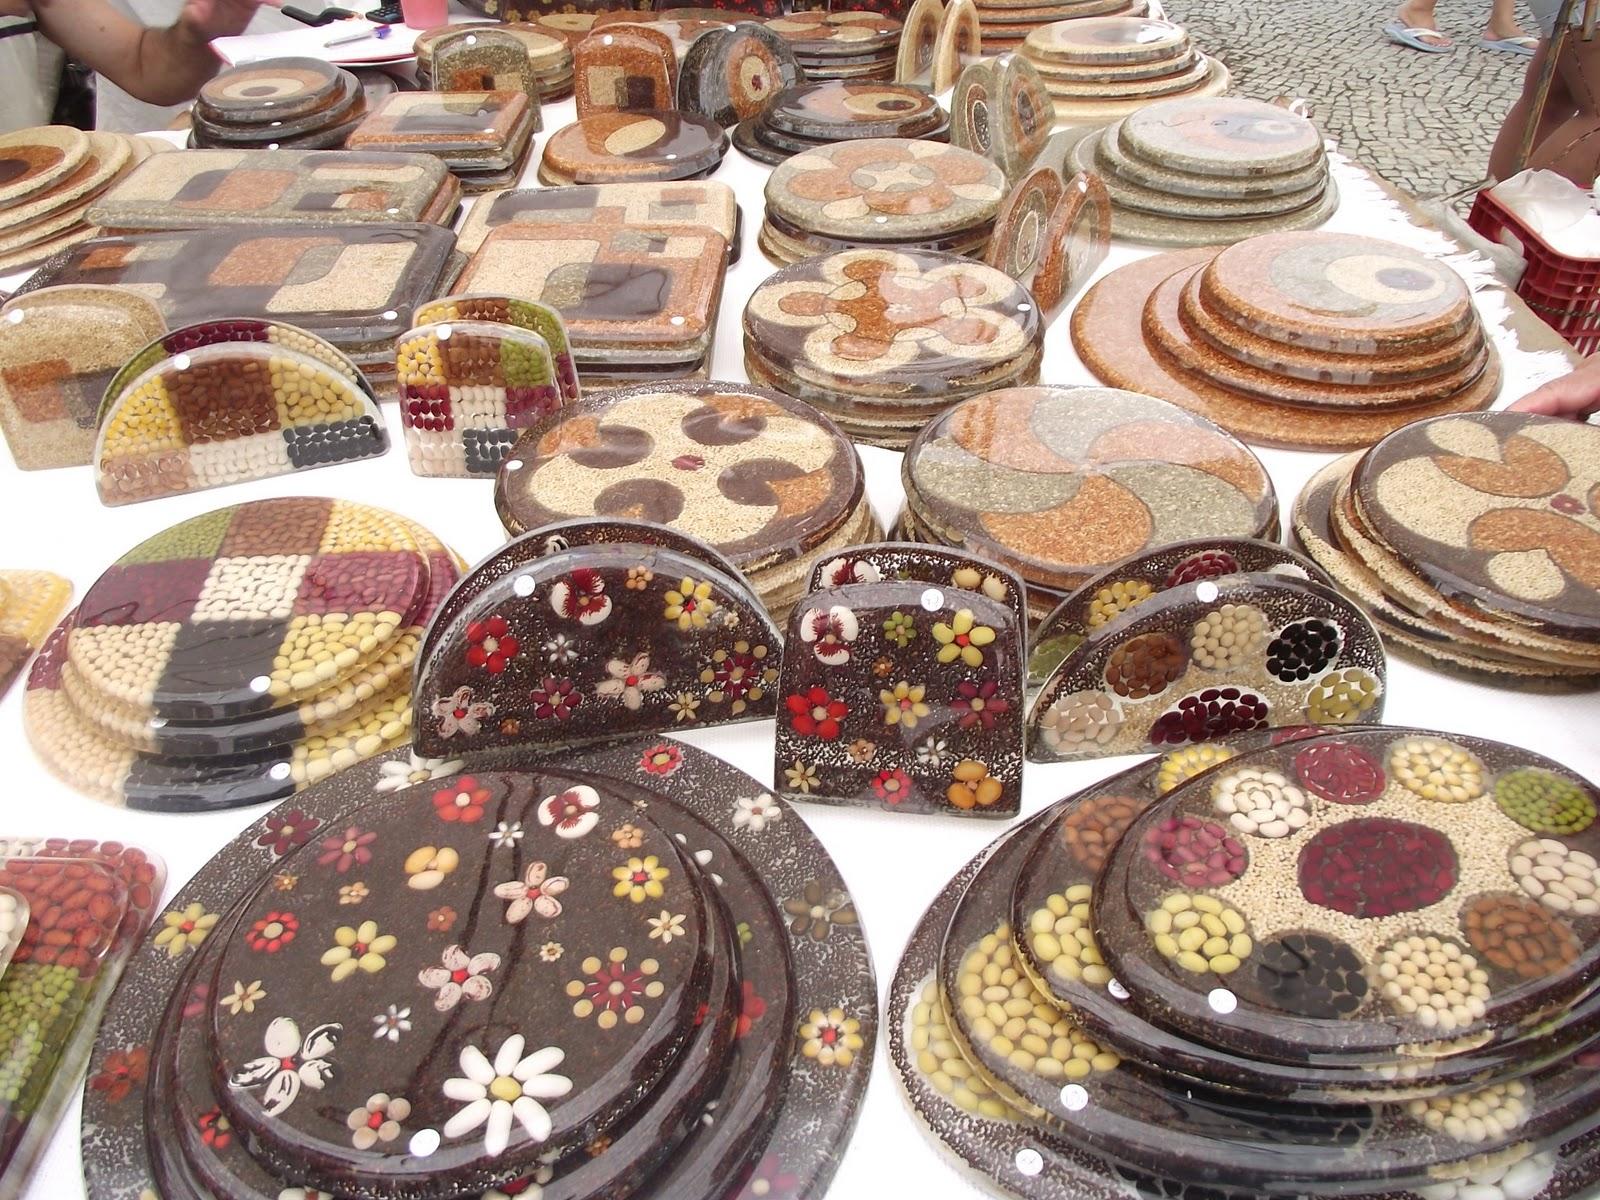 Artes da Feira Hippie de Ipanema: Artesanato com resina poliester #9C2F32 1600x1200 Acessórios Banheiro Resina Poliester